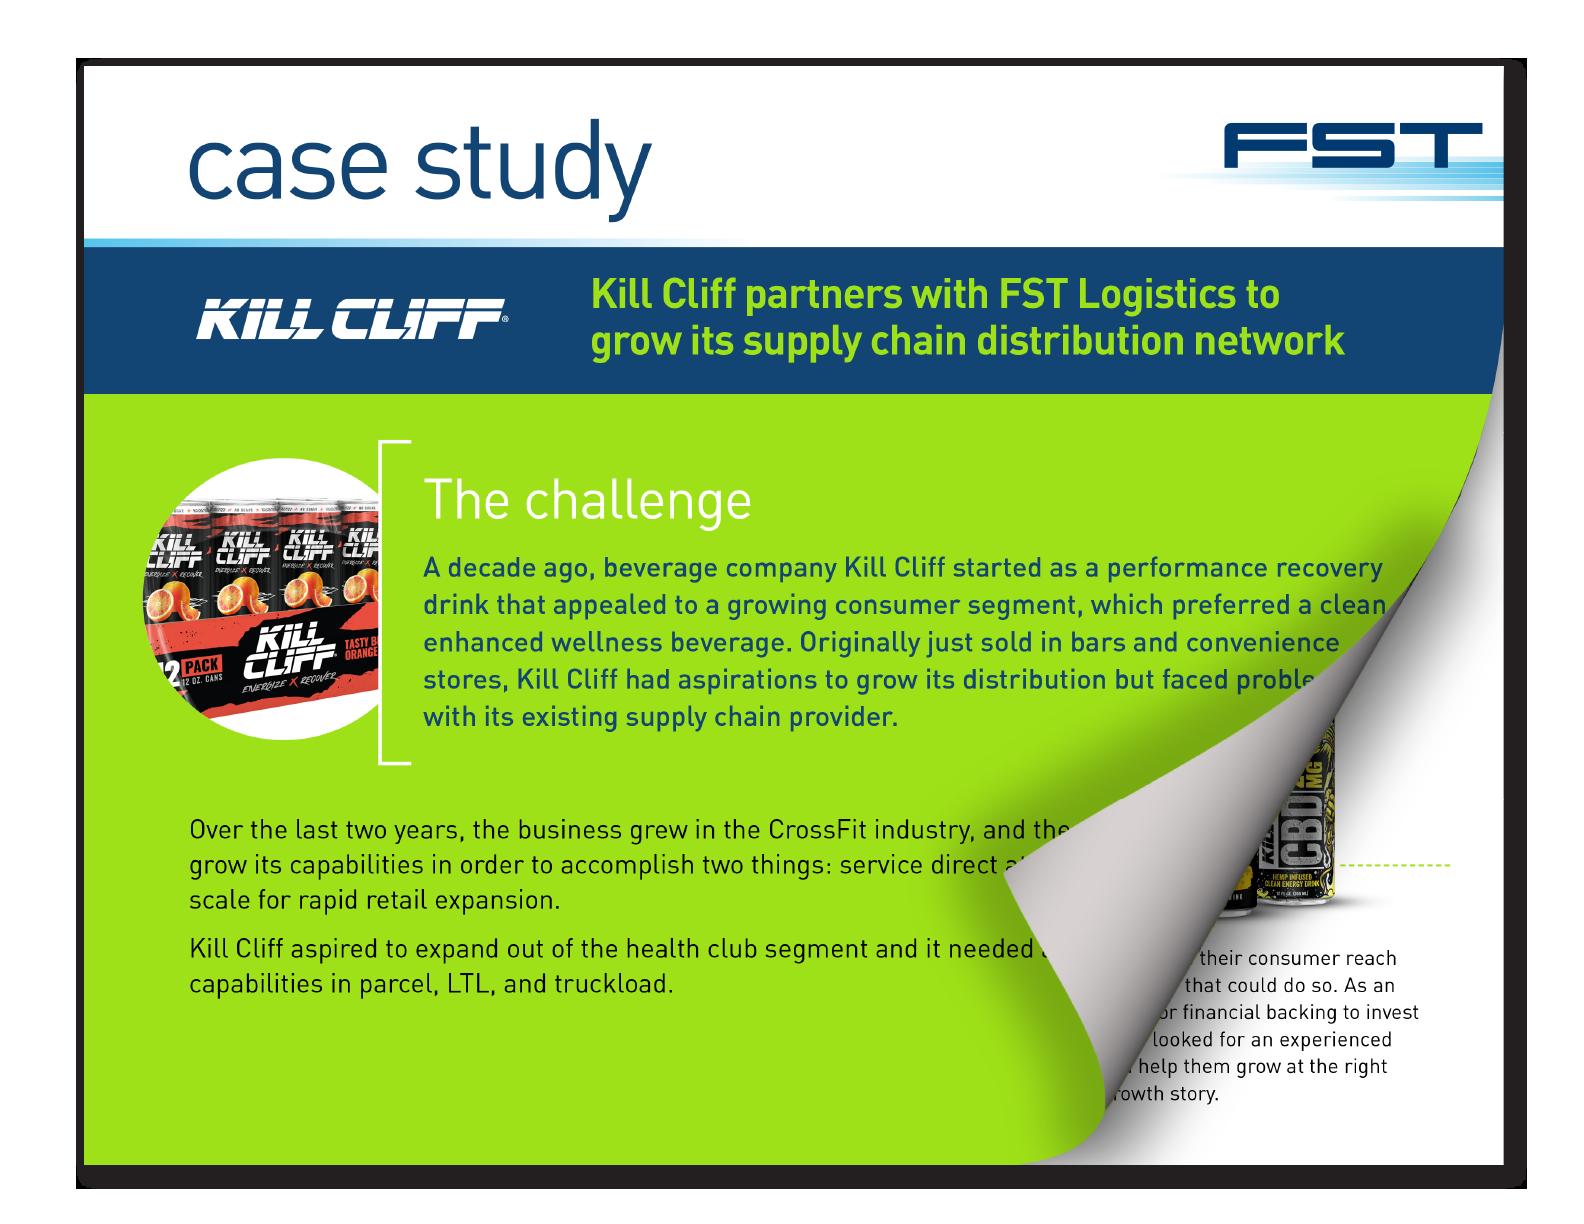 Case Study-Kill Cliff